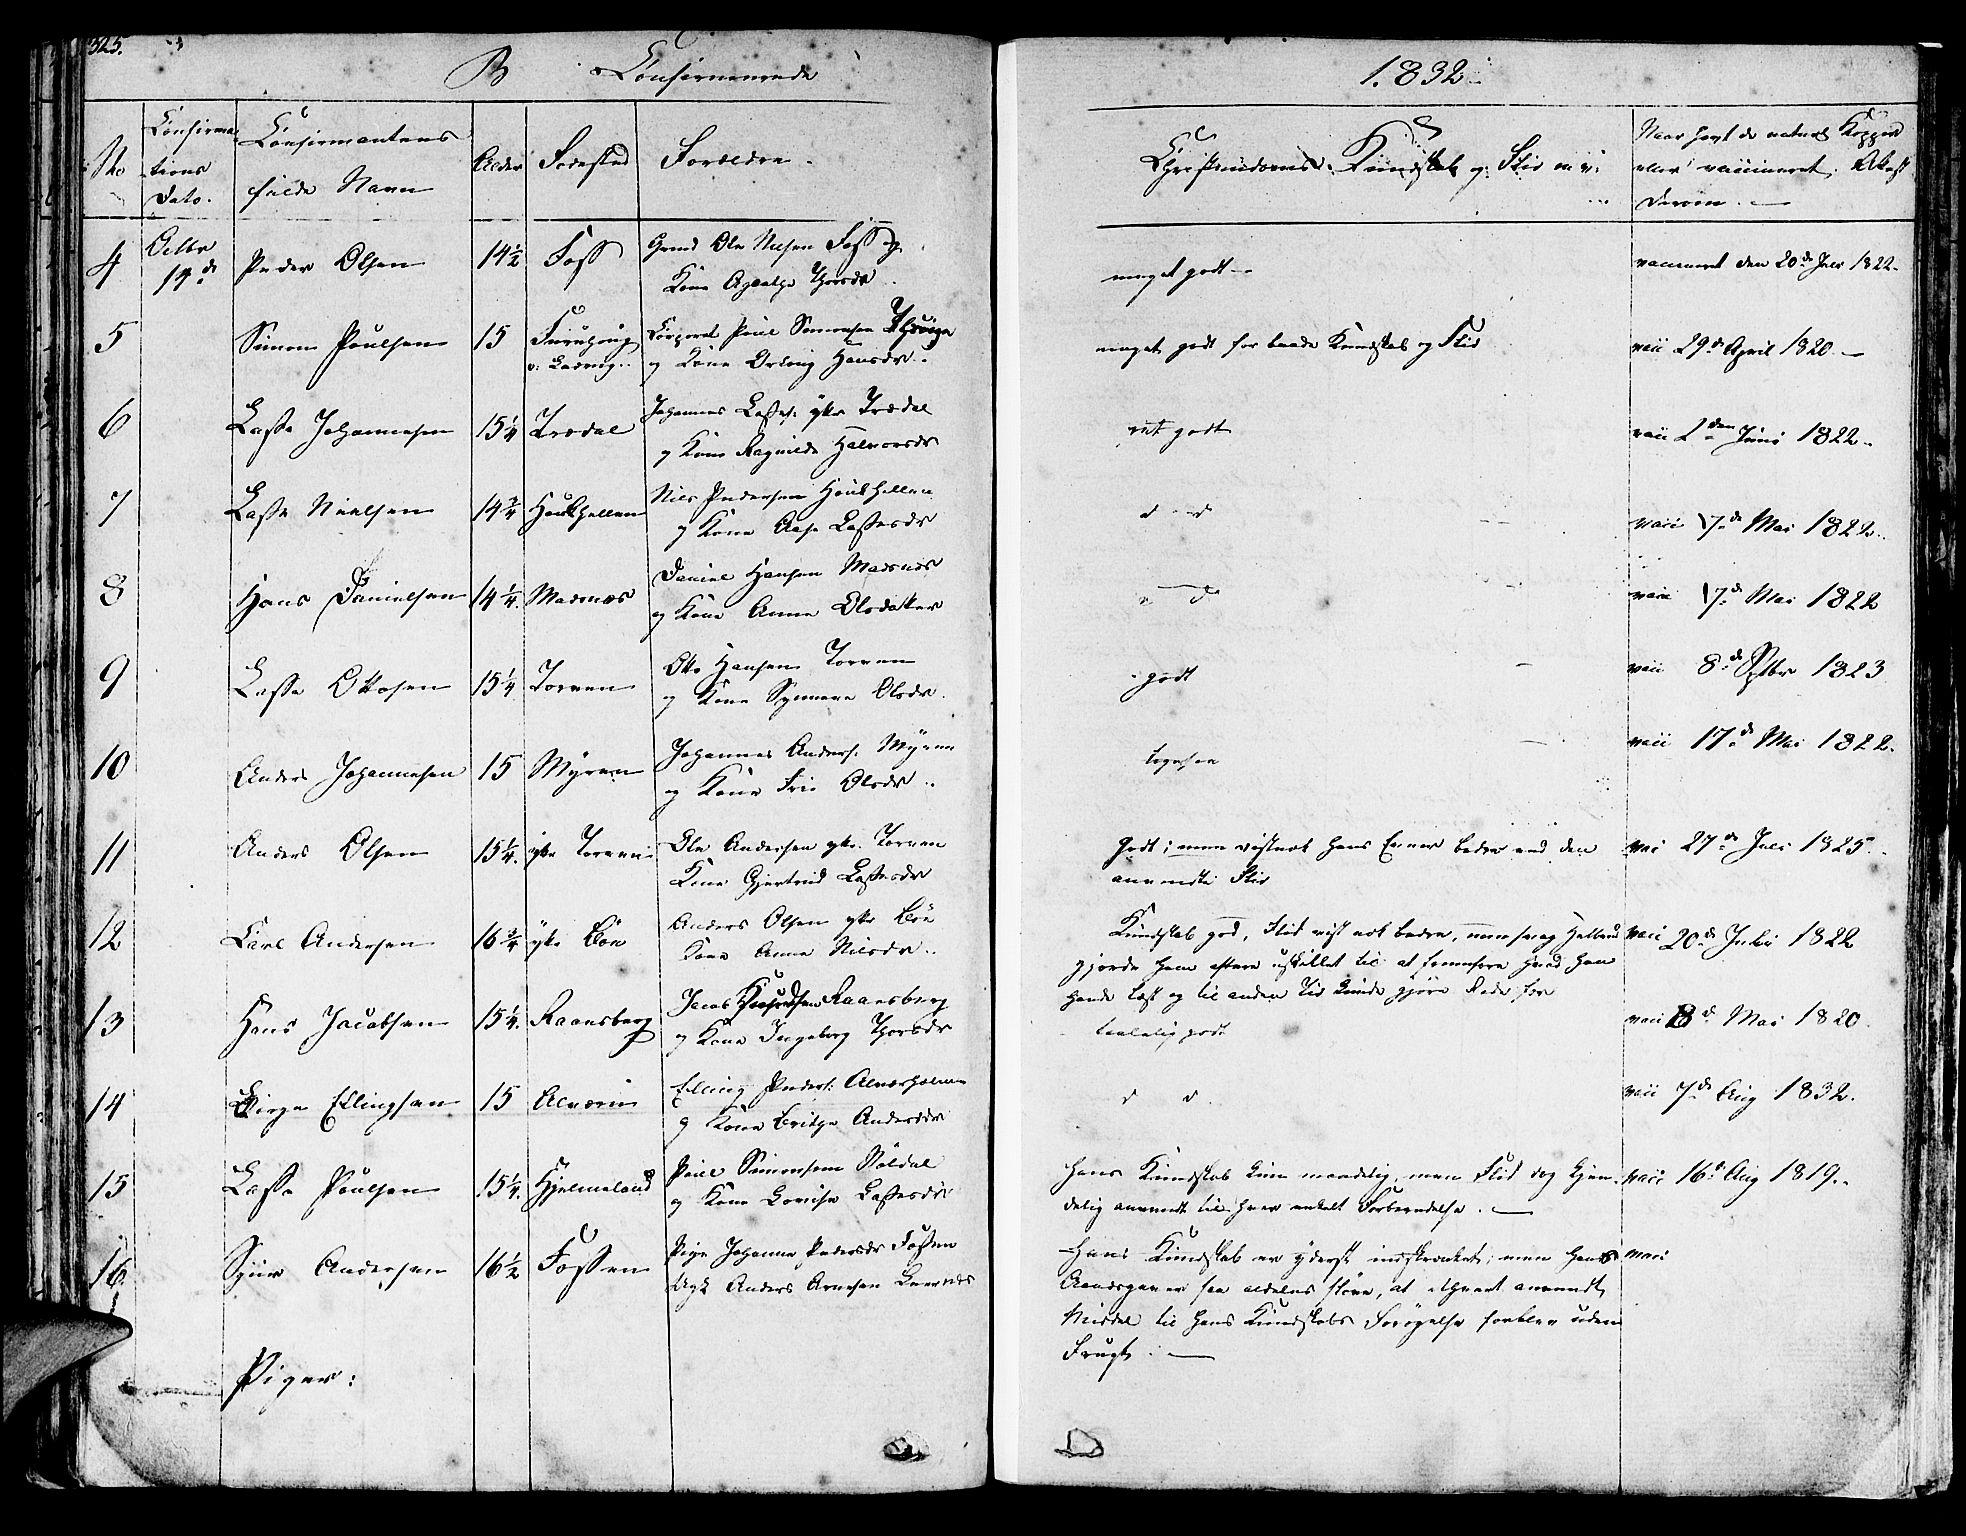 SAB, Lavik sokneprestembete, Ministerialbok nr. A 2I, 1821-1842, s. 325